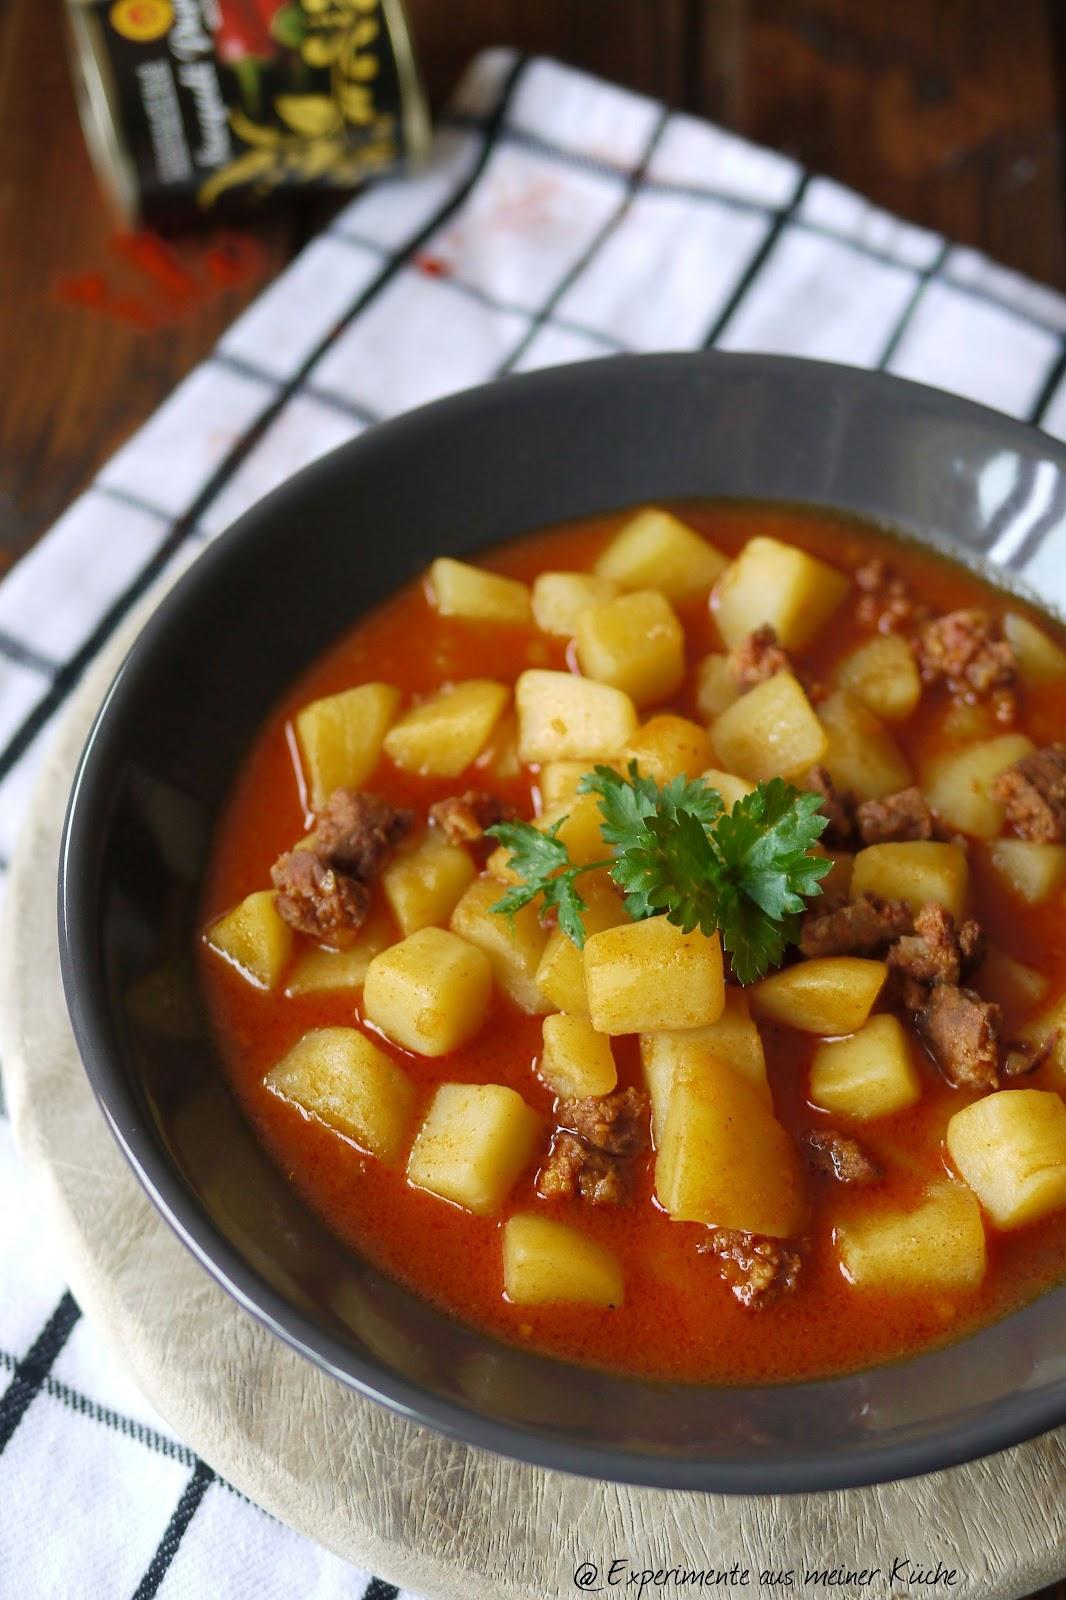 Experimente aus meiner k che ungarisches kartoffelgulasch for Ungarisches paprikapulver